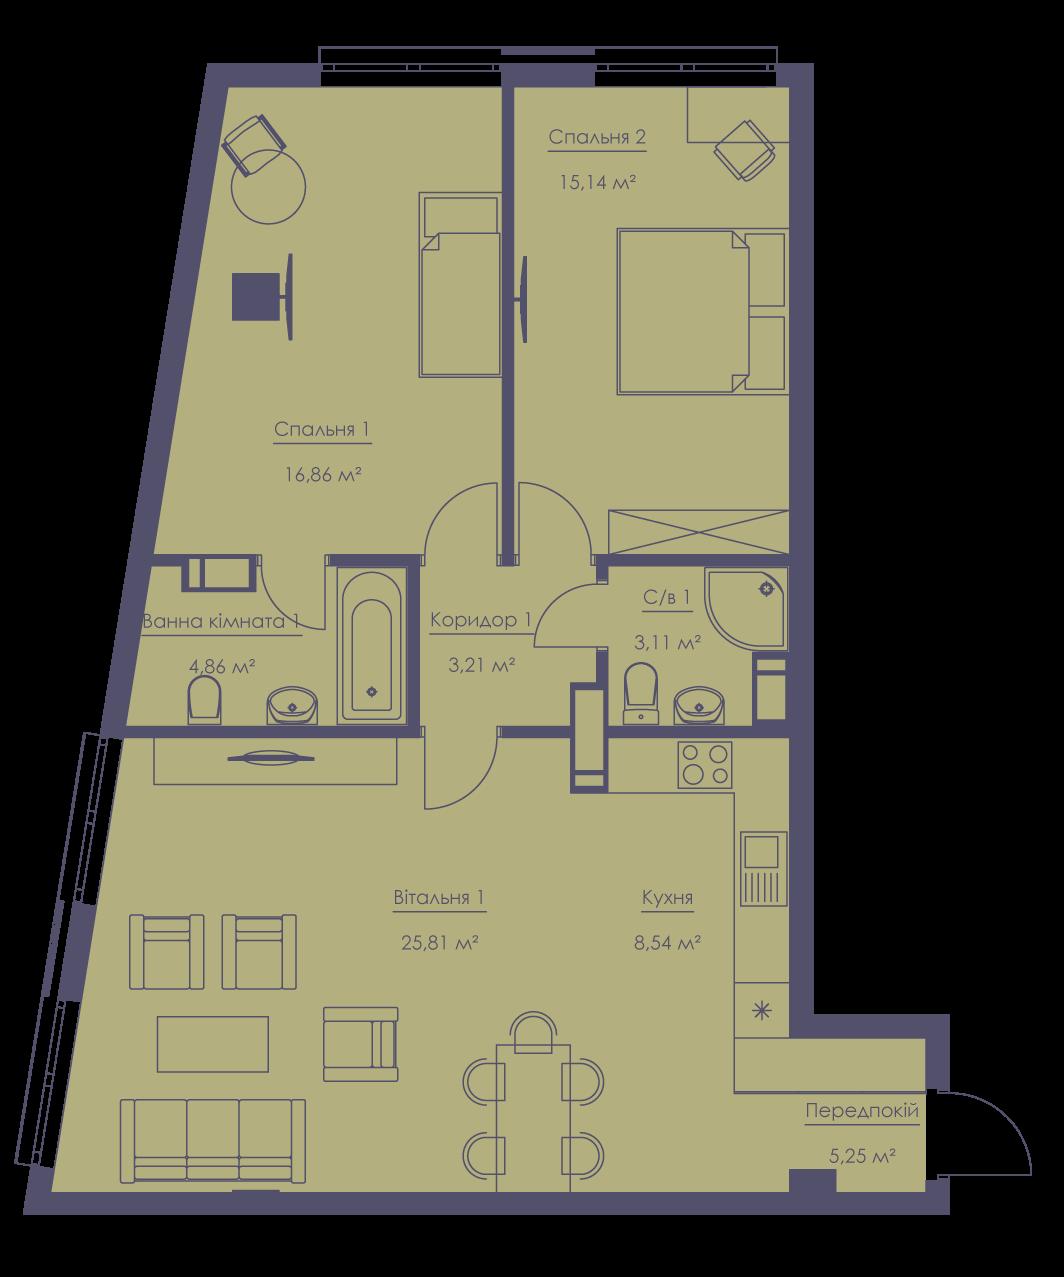 Apartment layout KV_42_3n_1_1_7-1